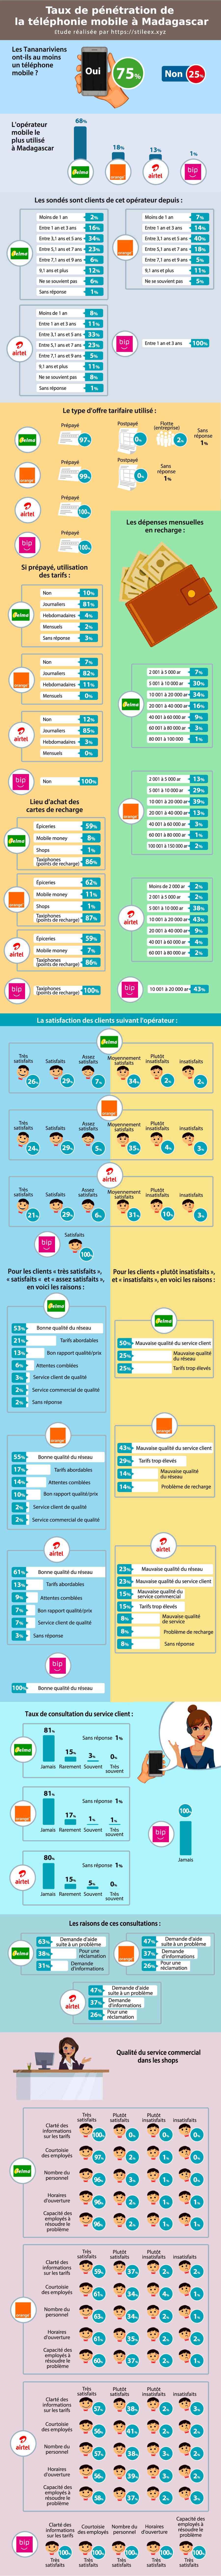 Vue globale sur le choix et l'avis des Tananariviens sur les opérateurs mobiles à Madagascar